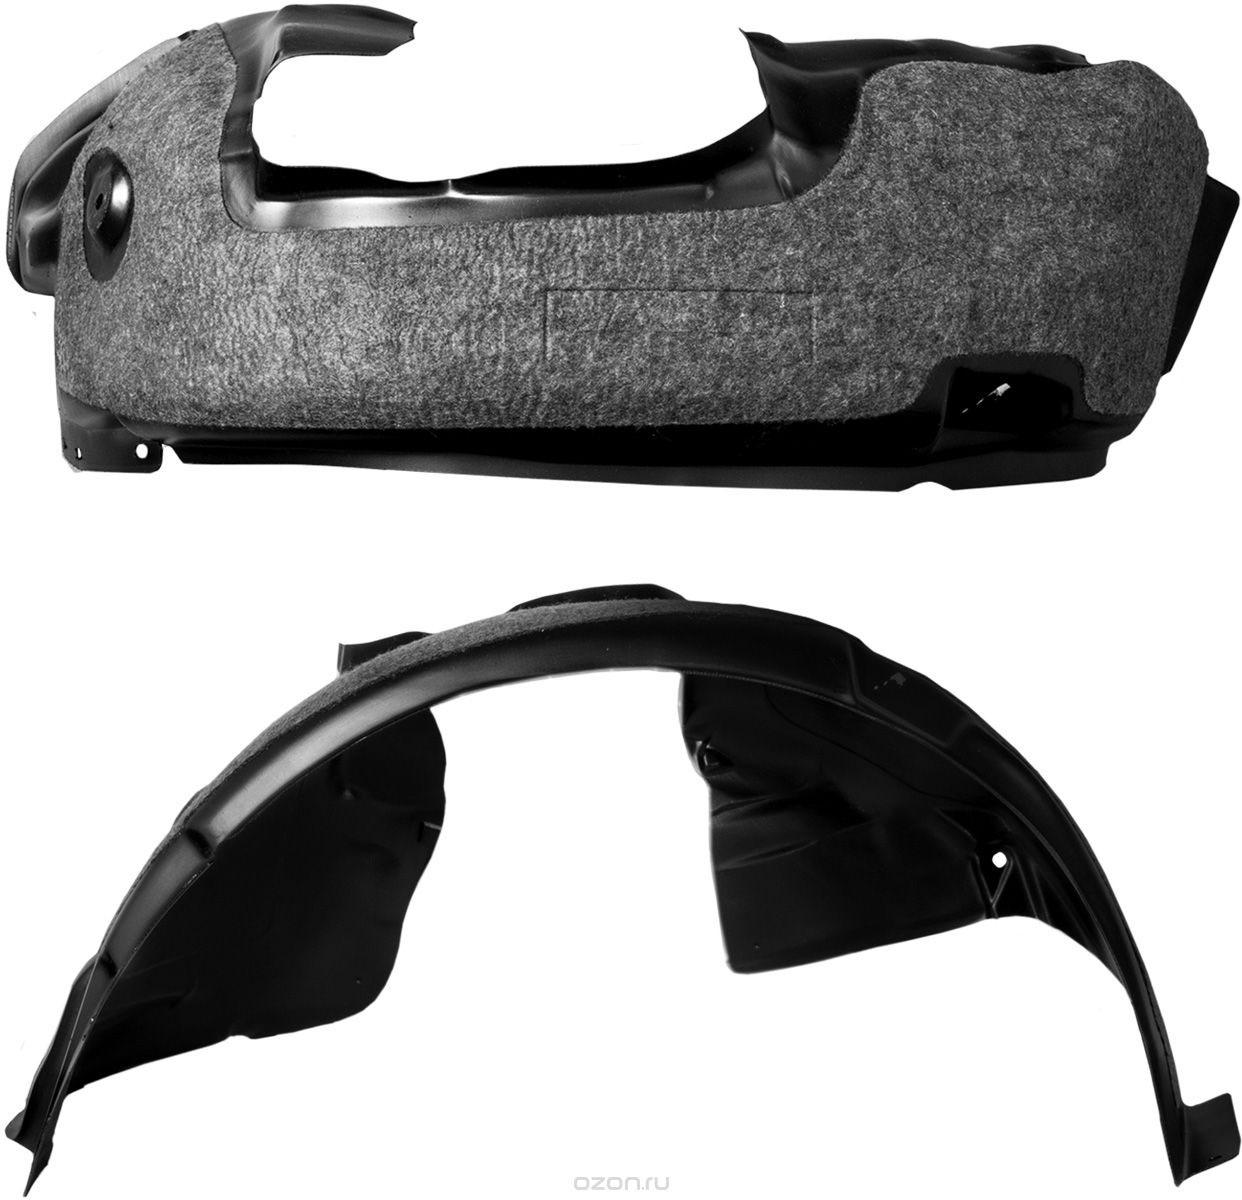 Подкрылок Novline-Autofamily, с шумоизоляцией, для CHERY Tiggo 5 FL, 2016->, кроссовер, передний левыйNLS.63.17.001Идеальная защита колесной ниши. Локеры разработаны с применением цифровых технологий, гарантируют максимальную повторяемость поверхности арки. Изделия устанавливаются без нарушения лакокрасочного покрытия автомобиля, каждый подкрылок комплектуется крепежом. Уважаемые клиенты, обращаем ваше внимание, что фотографии на подкрылки универсальные и не отражают реальную форму изделия. При этом само изделие идет точно под размер указанного автомобиля.